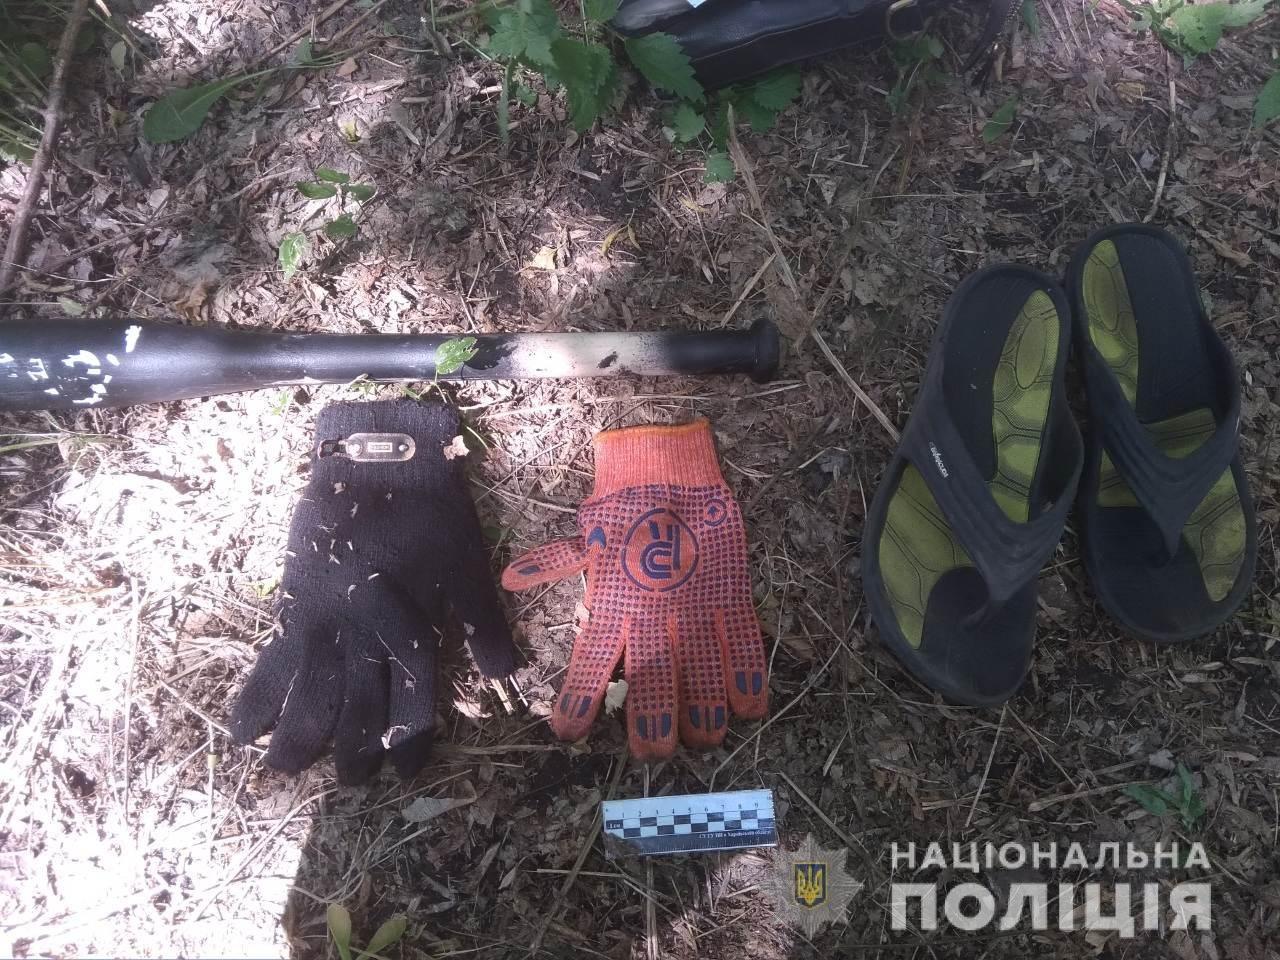 Ударили битой по голове и украли деньги: под Харьковом на бизнесмена напали неизвестные, - ФОТО, ВИДЕО, фото-1